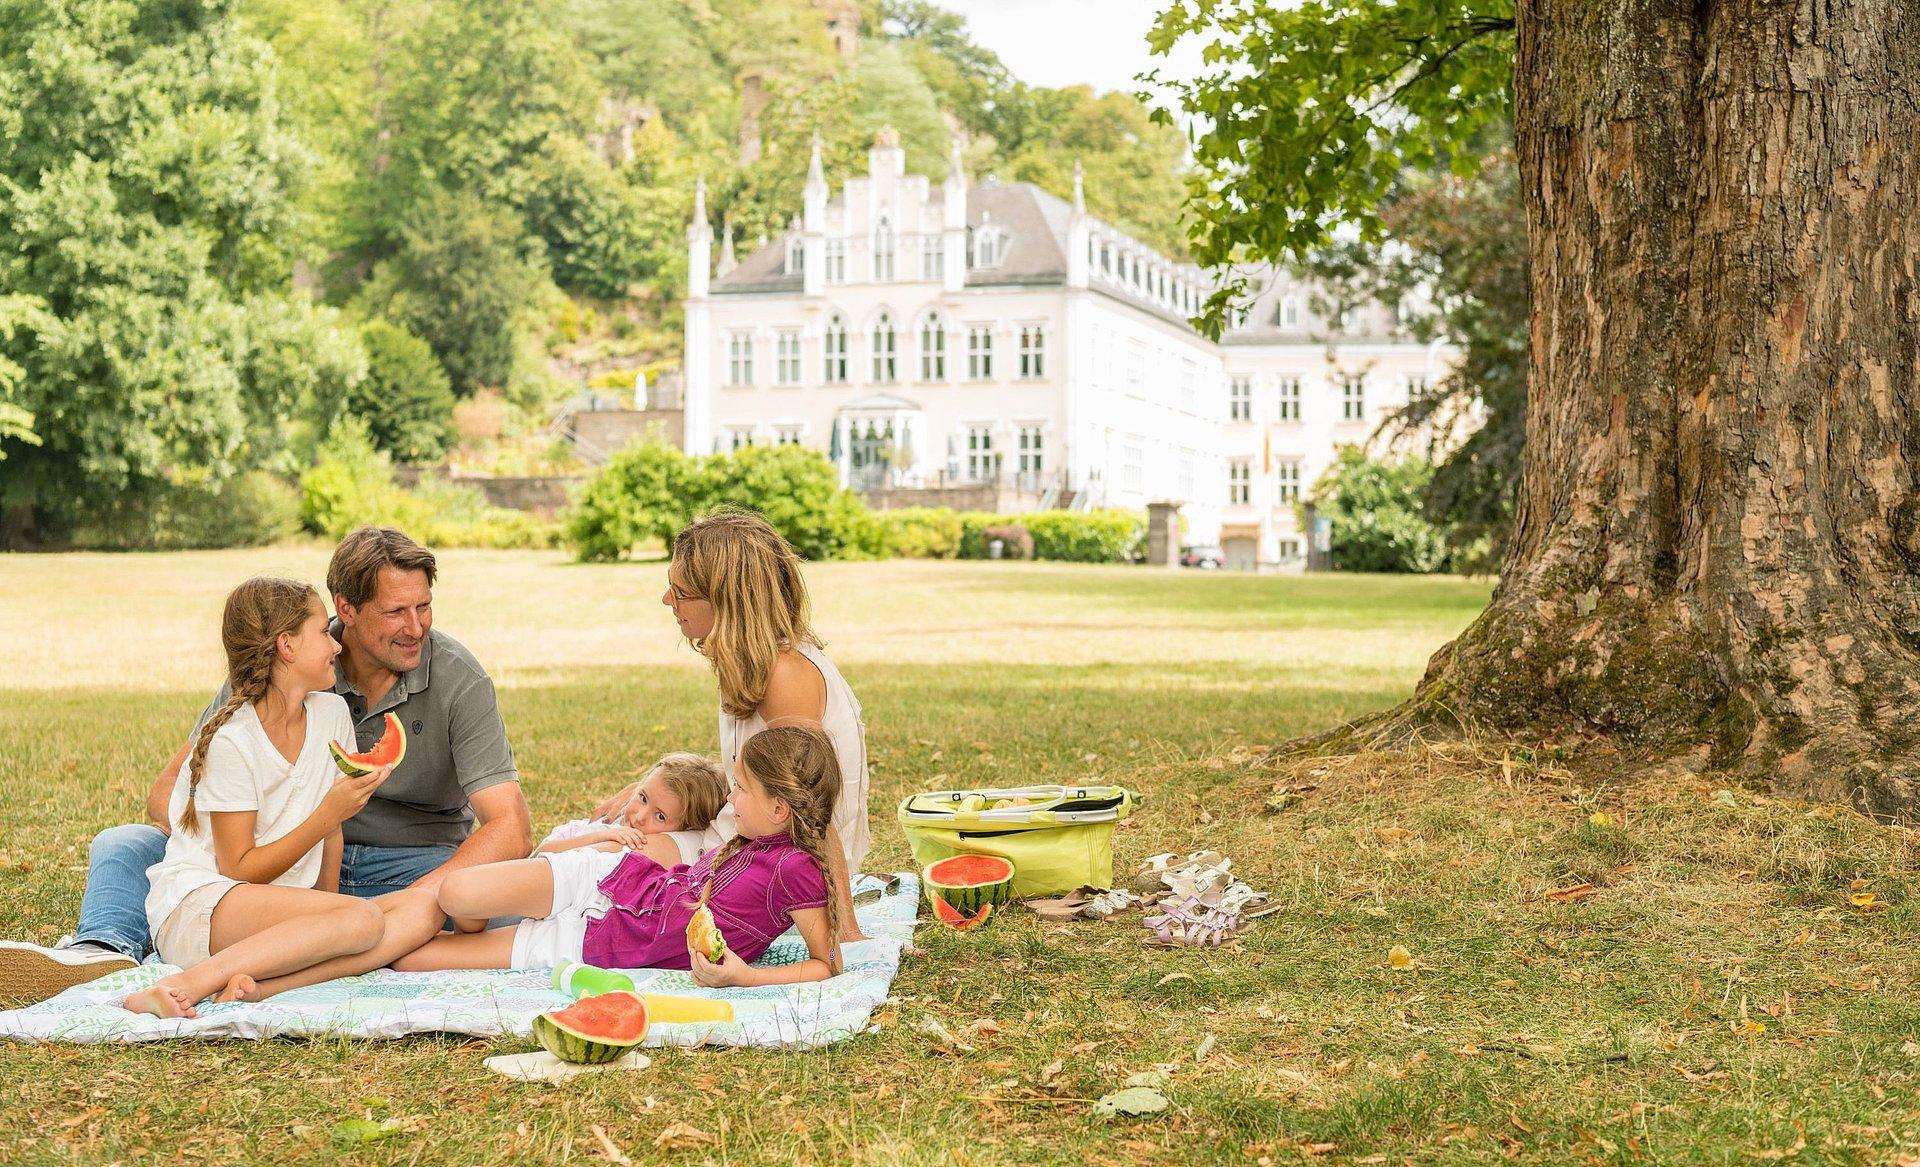 Picknick im Schlosspark von Schloss Sayn, Romantischer Rhein